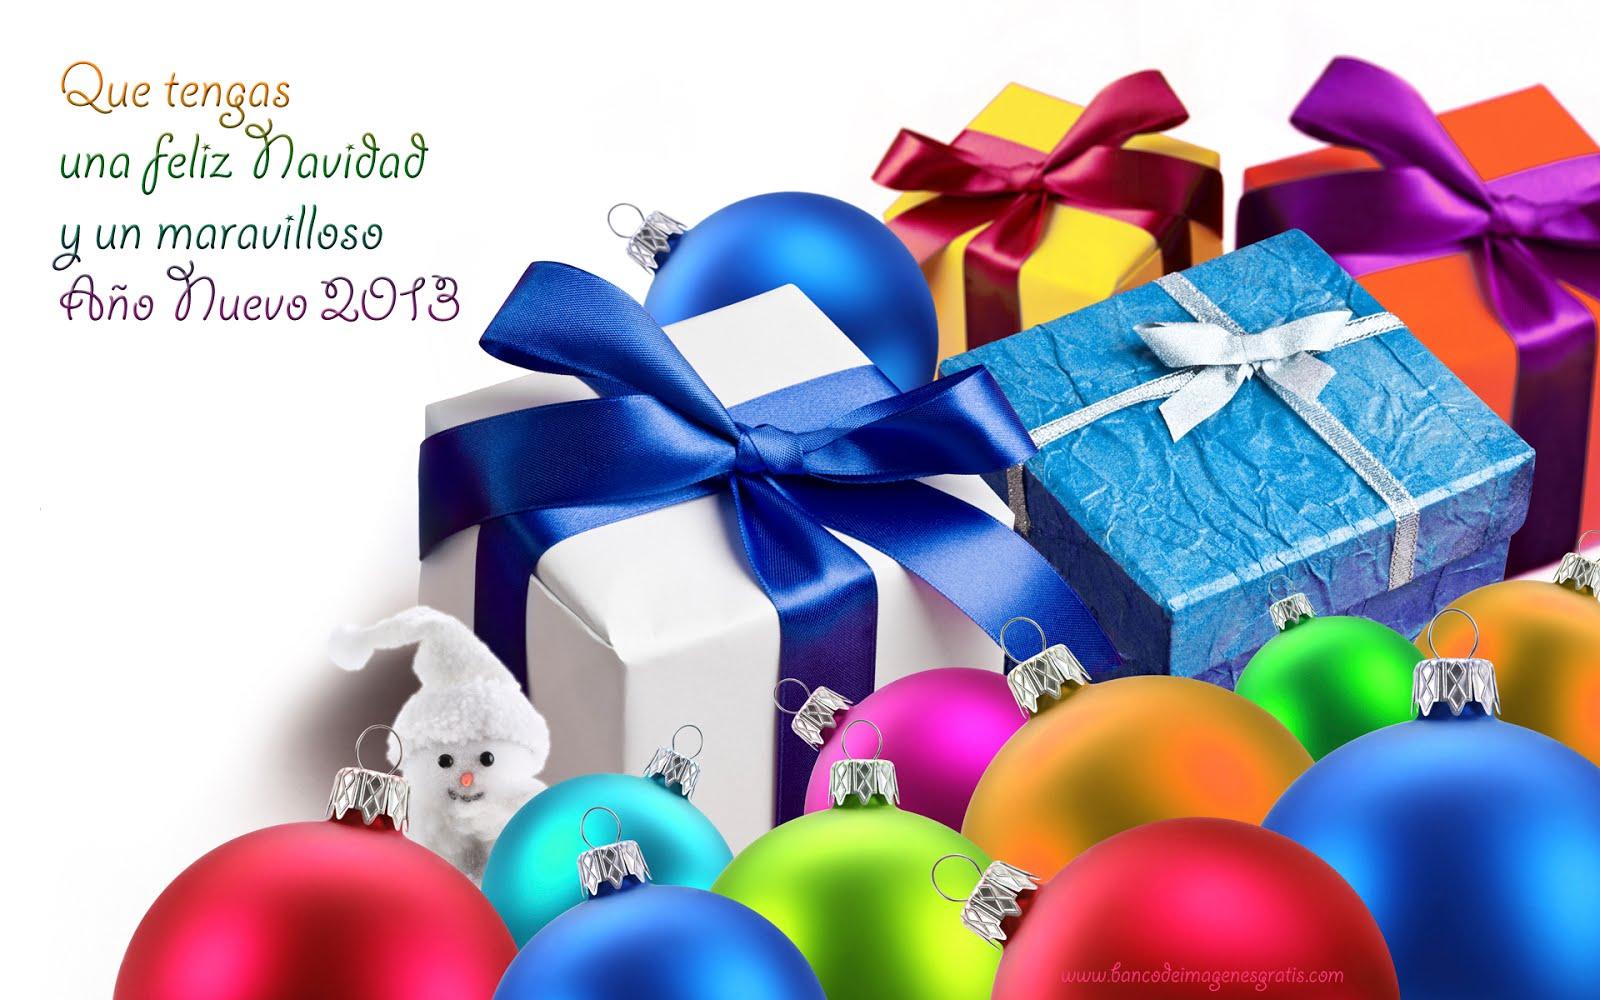 BANCO DE REGALOS (Amigo secreto)  - Página 10 Fondos-y-wallpapers-para-navidad-y-a%25C3%25B1o-nuevo-2013-mensajes